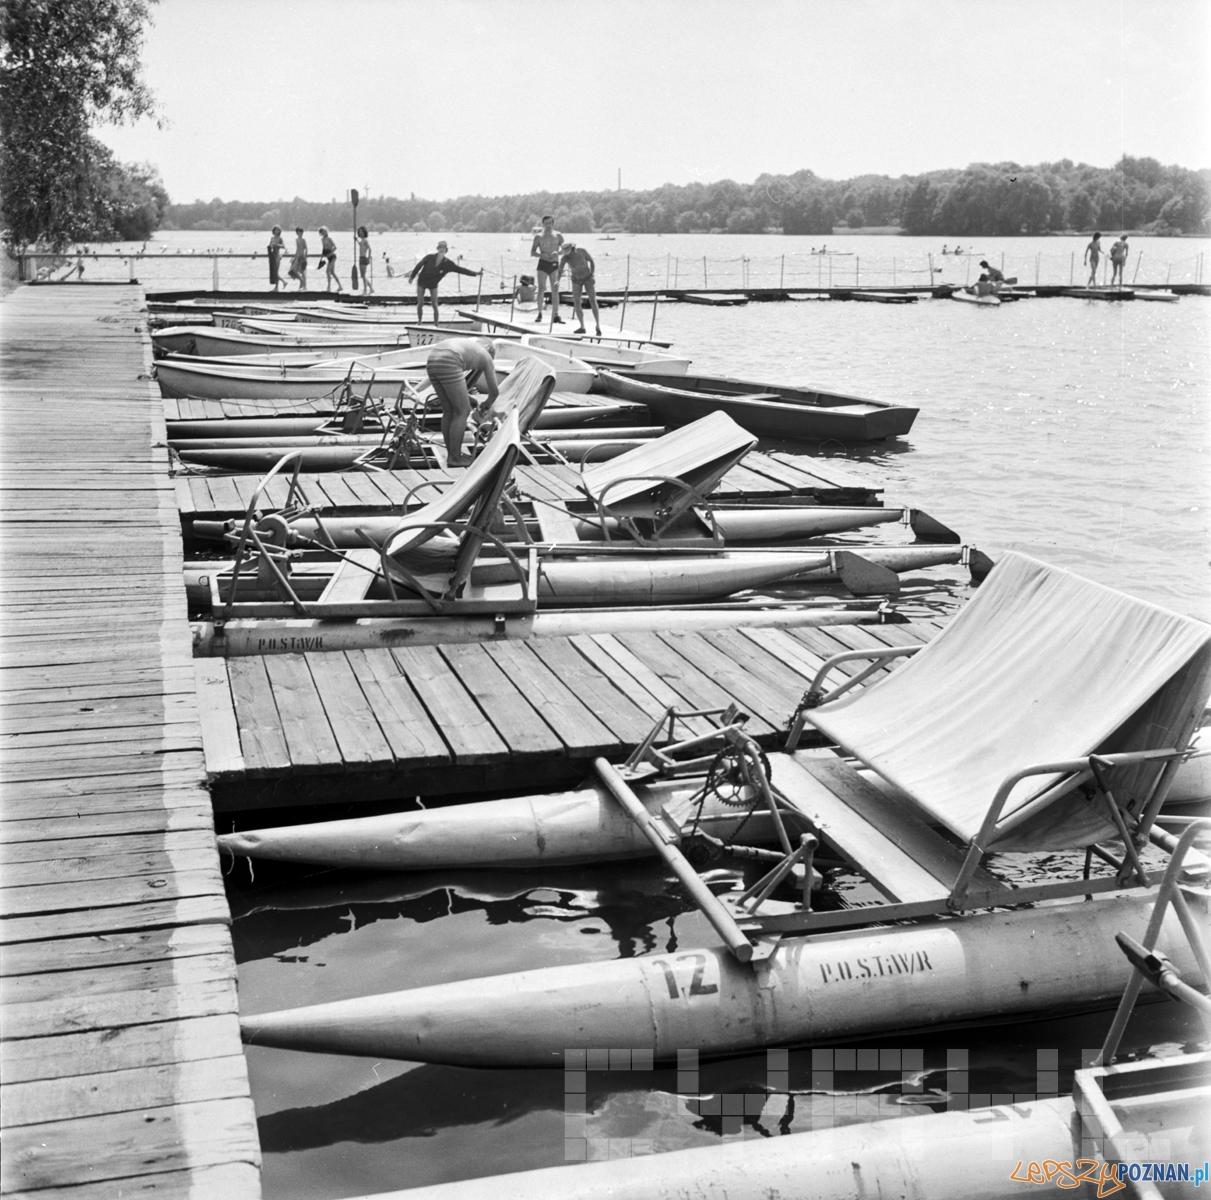 Ośrodek wodny w okolicy Poznania - 1974 rok  Foto: CYRYL / Stanisław Wiktor